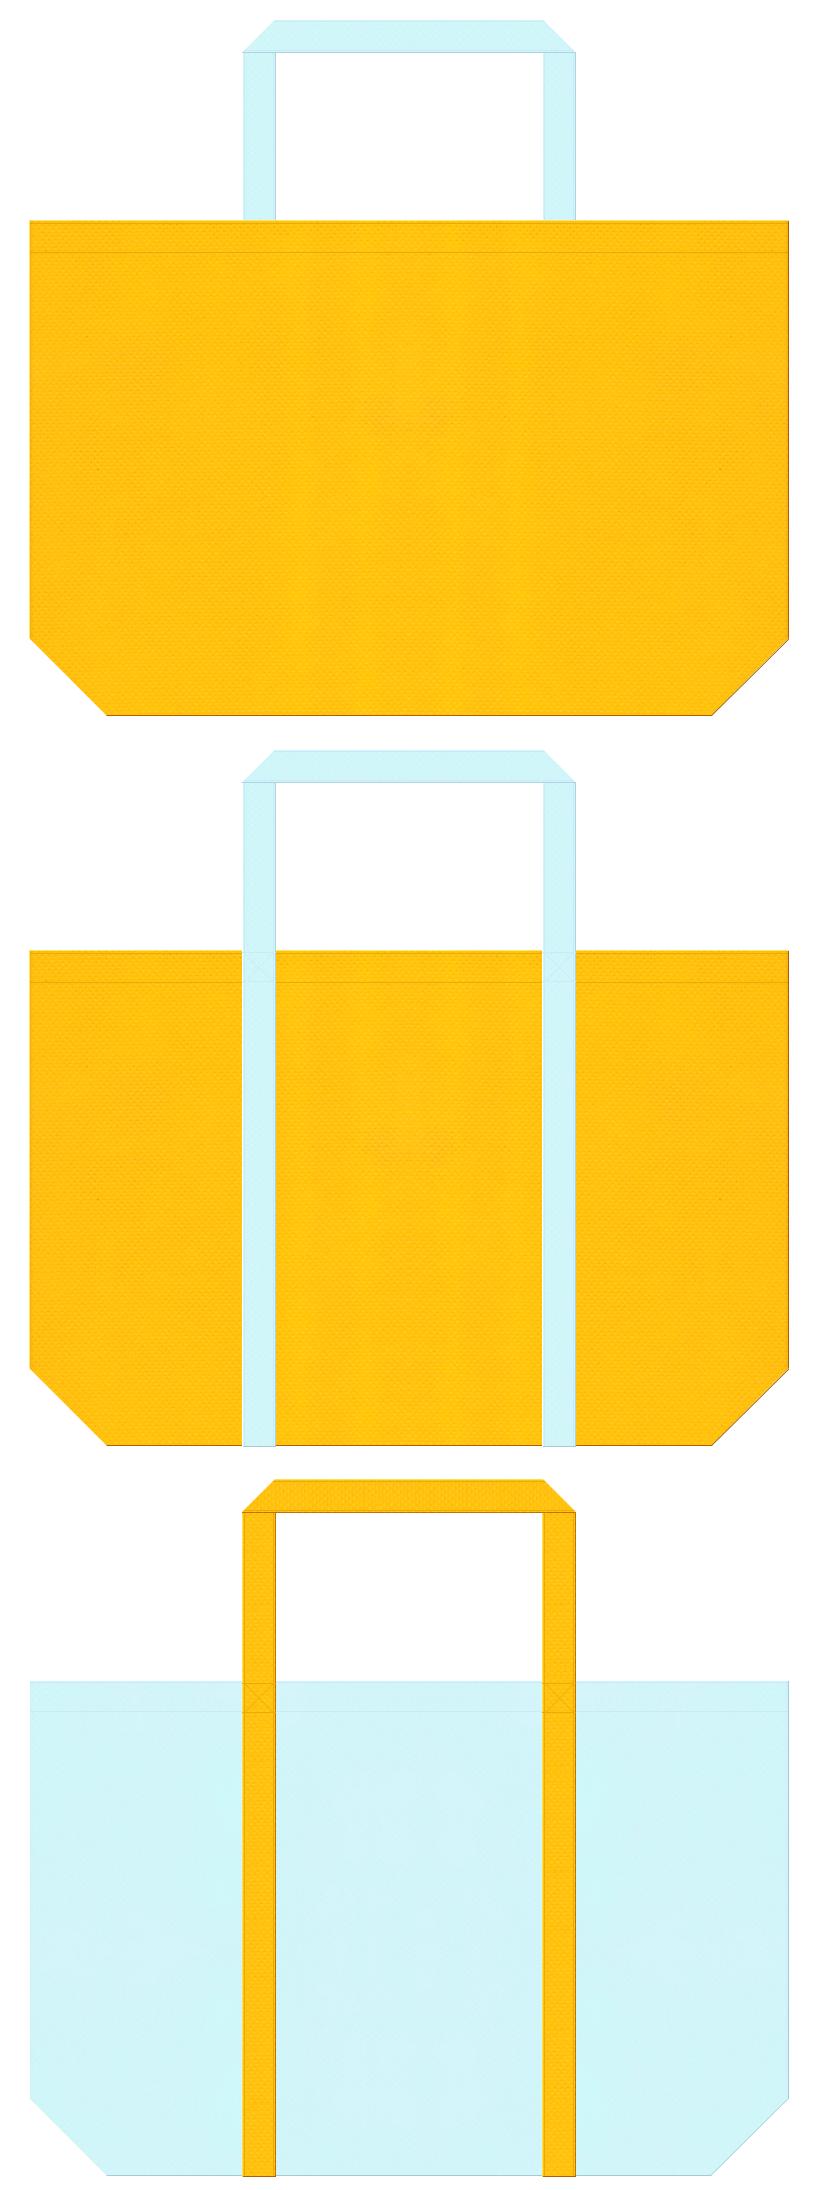 ビタミン・サプリメント・アヒル・お風呂のおもちゃ・バス用品・レッスンバッグ・通園バッグ・キッズイベントのノベルティにお奨めの不織布バッグデザイン:黄色と水色のコーデ